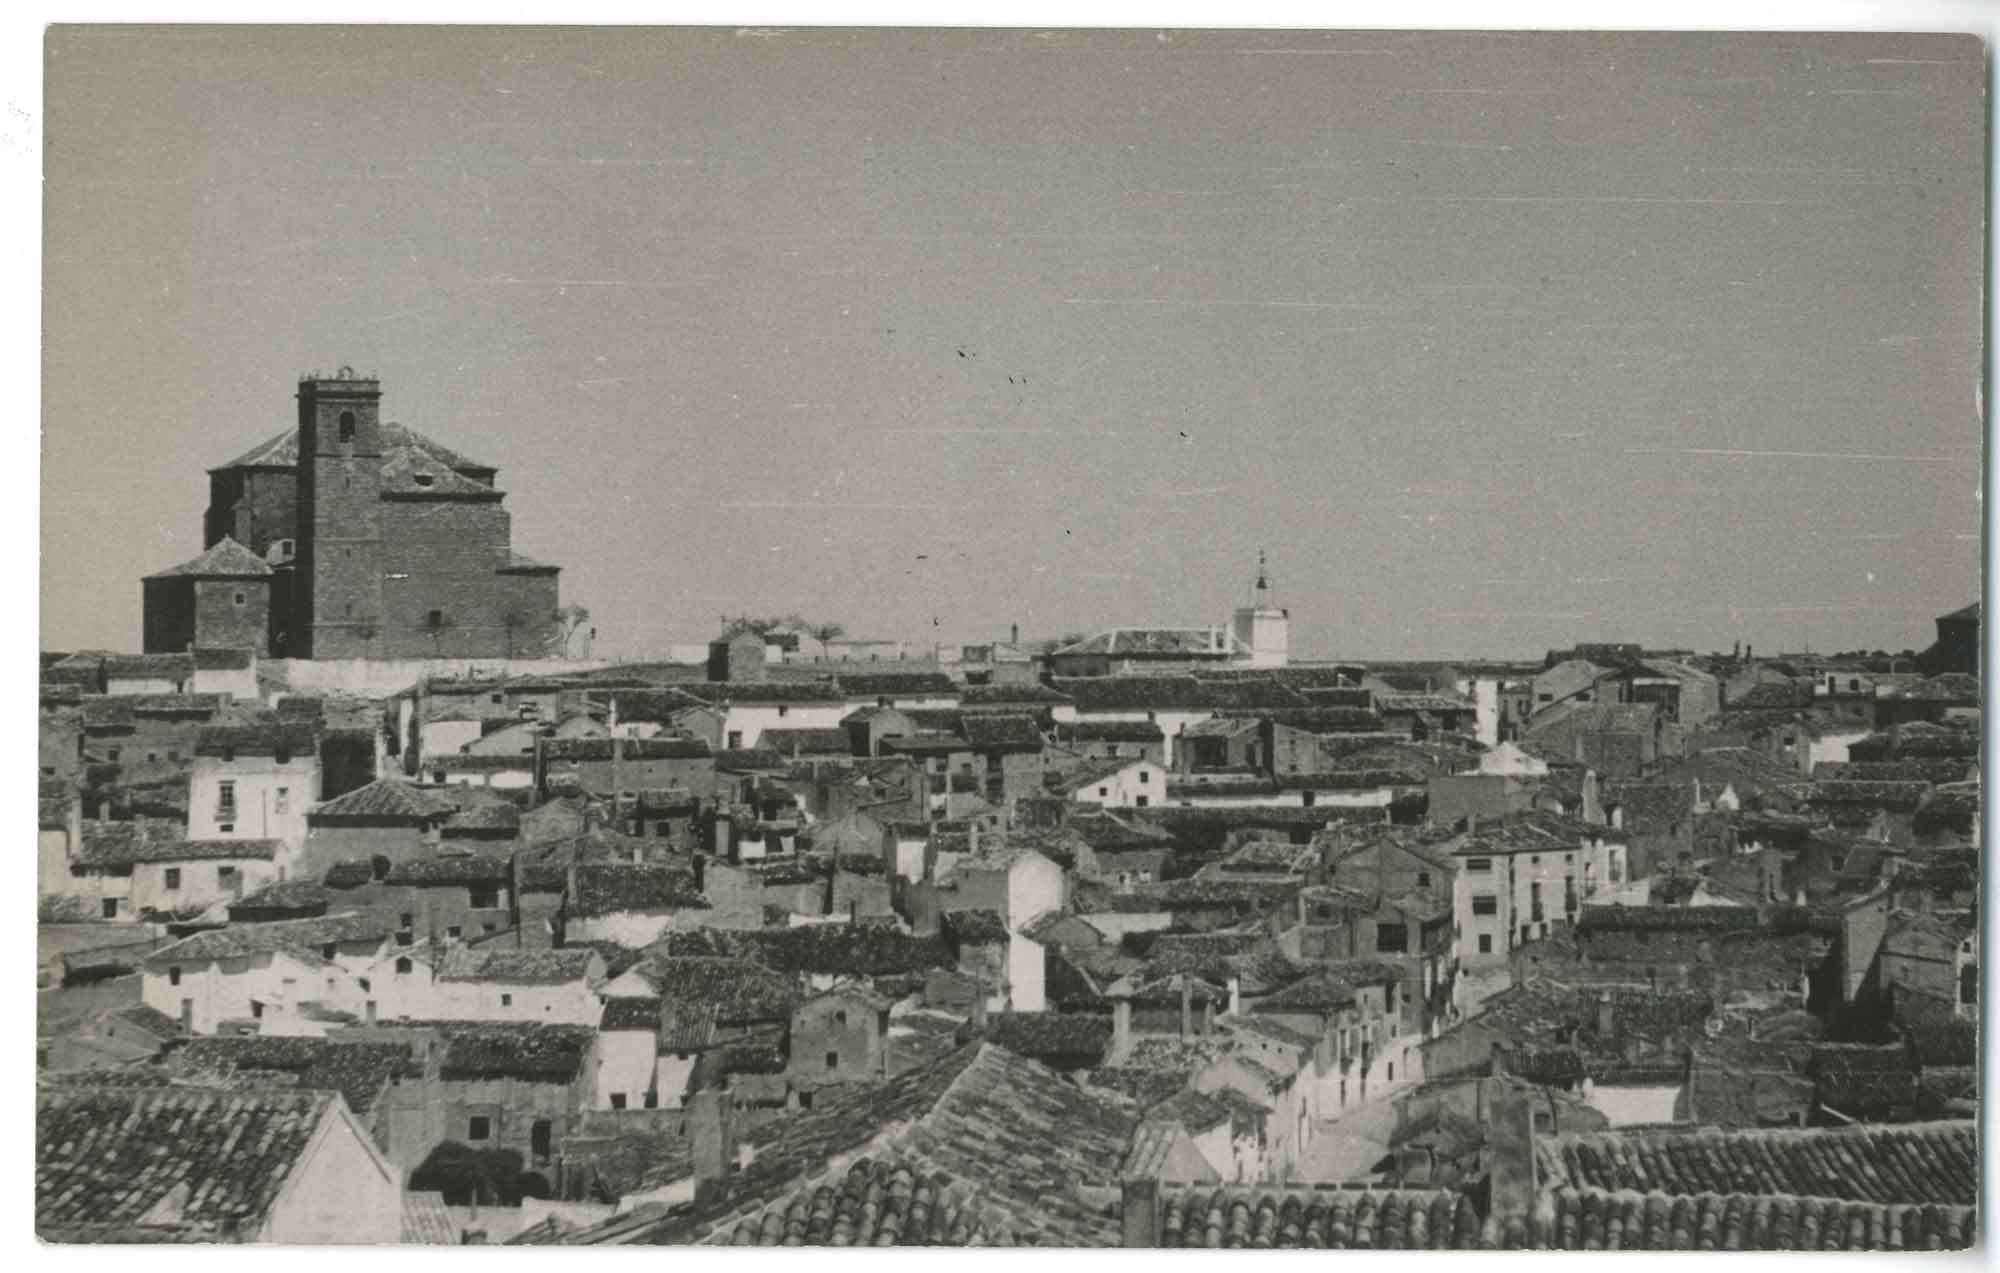 Santa Cruz de la Zarza. Vista parcial. 1960 (P-815)